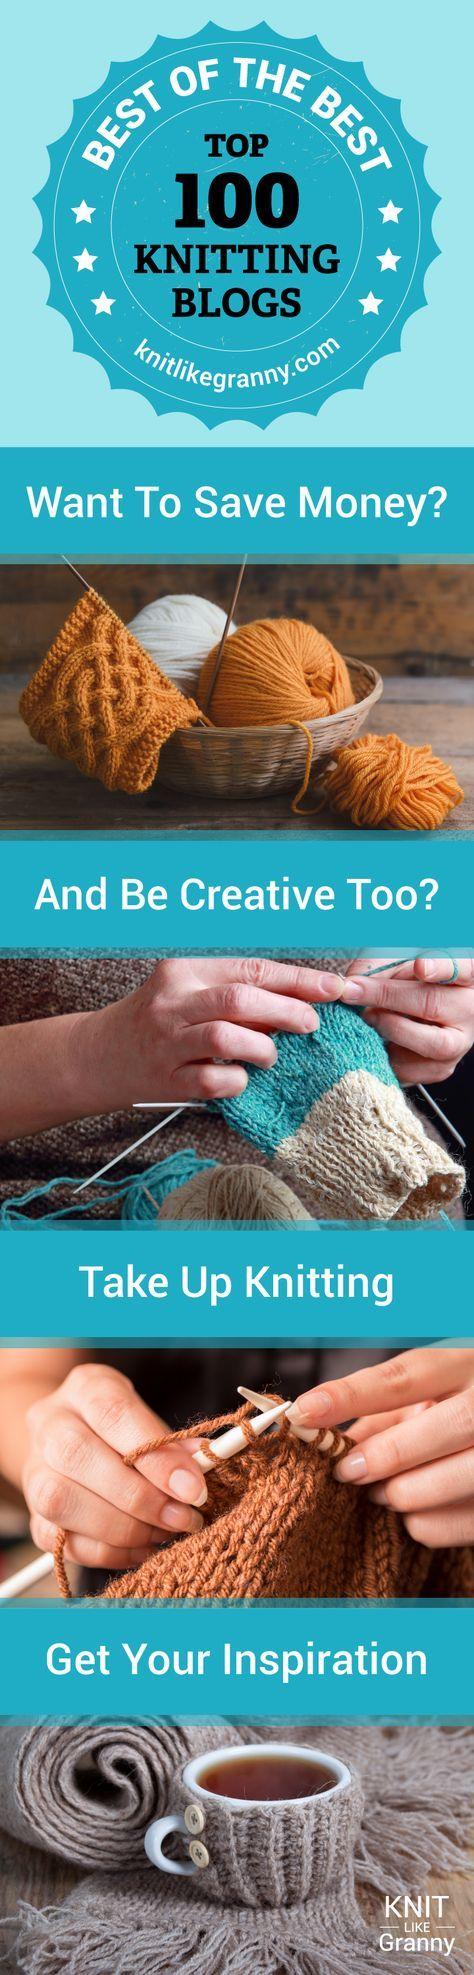 Best knitting blogs 2019